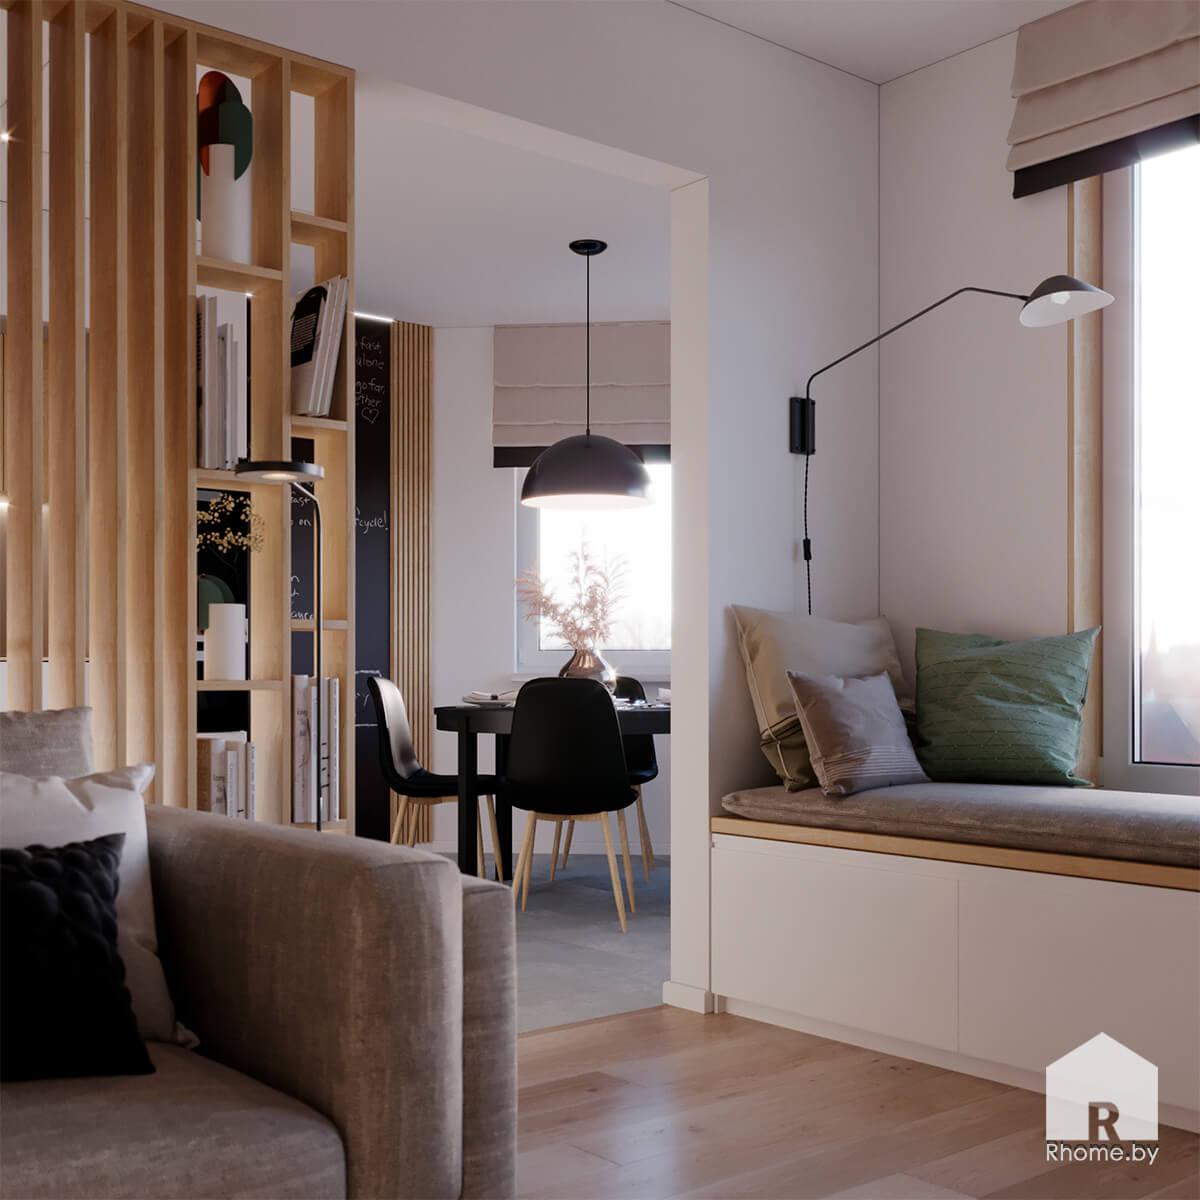 Квартира в Новой Боровой. Зона для чтения на подоконнике с подушками, стол обеденный, деревянный стеллаж